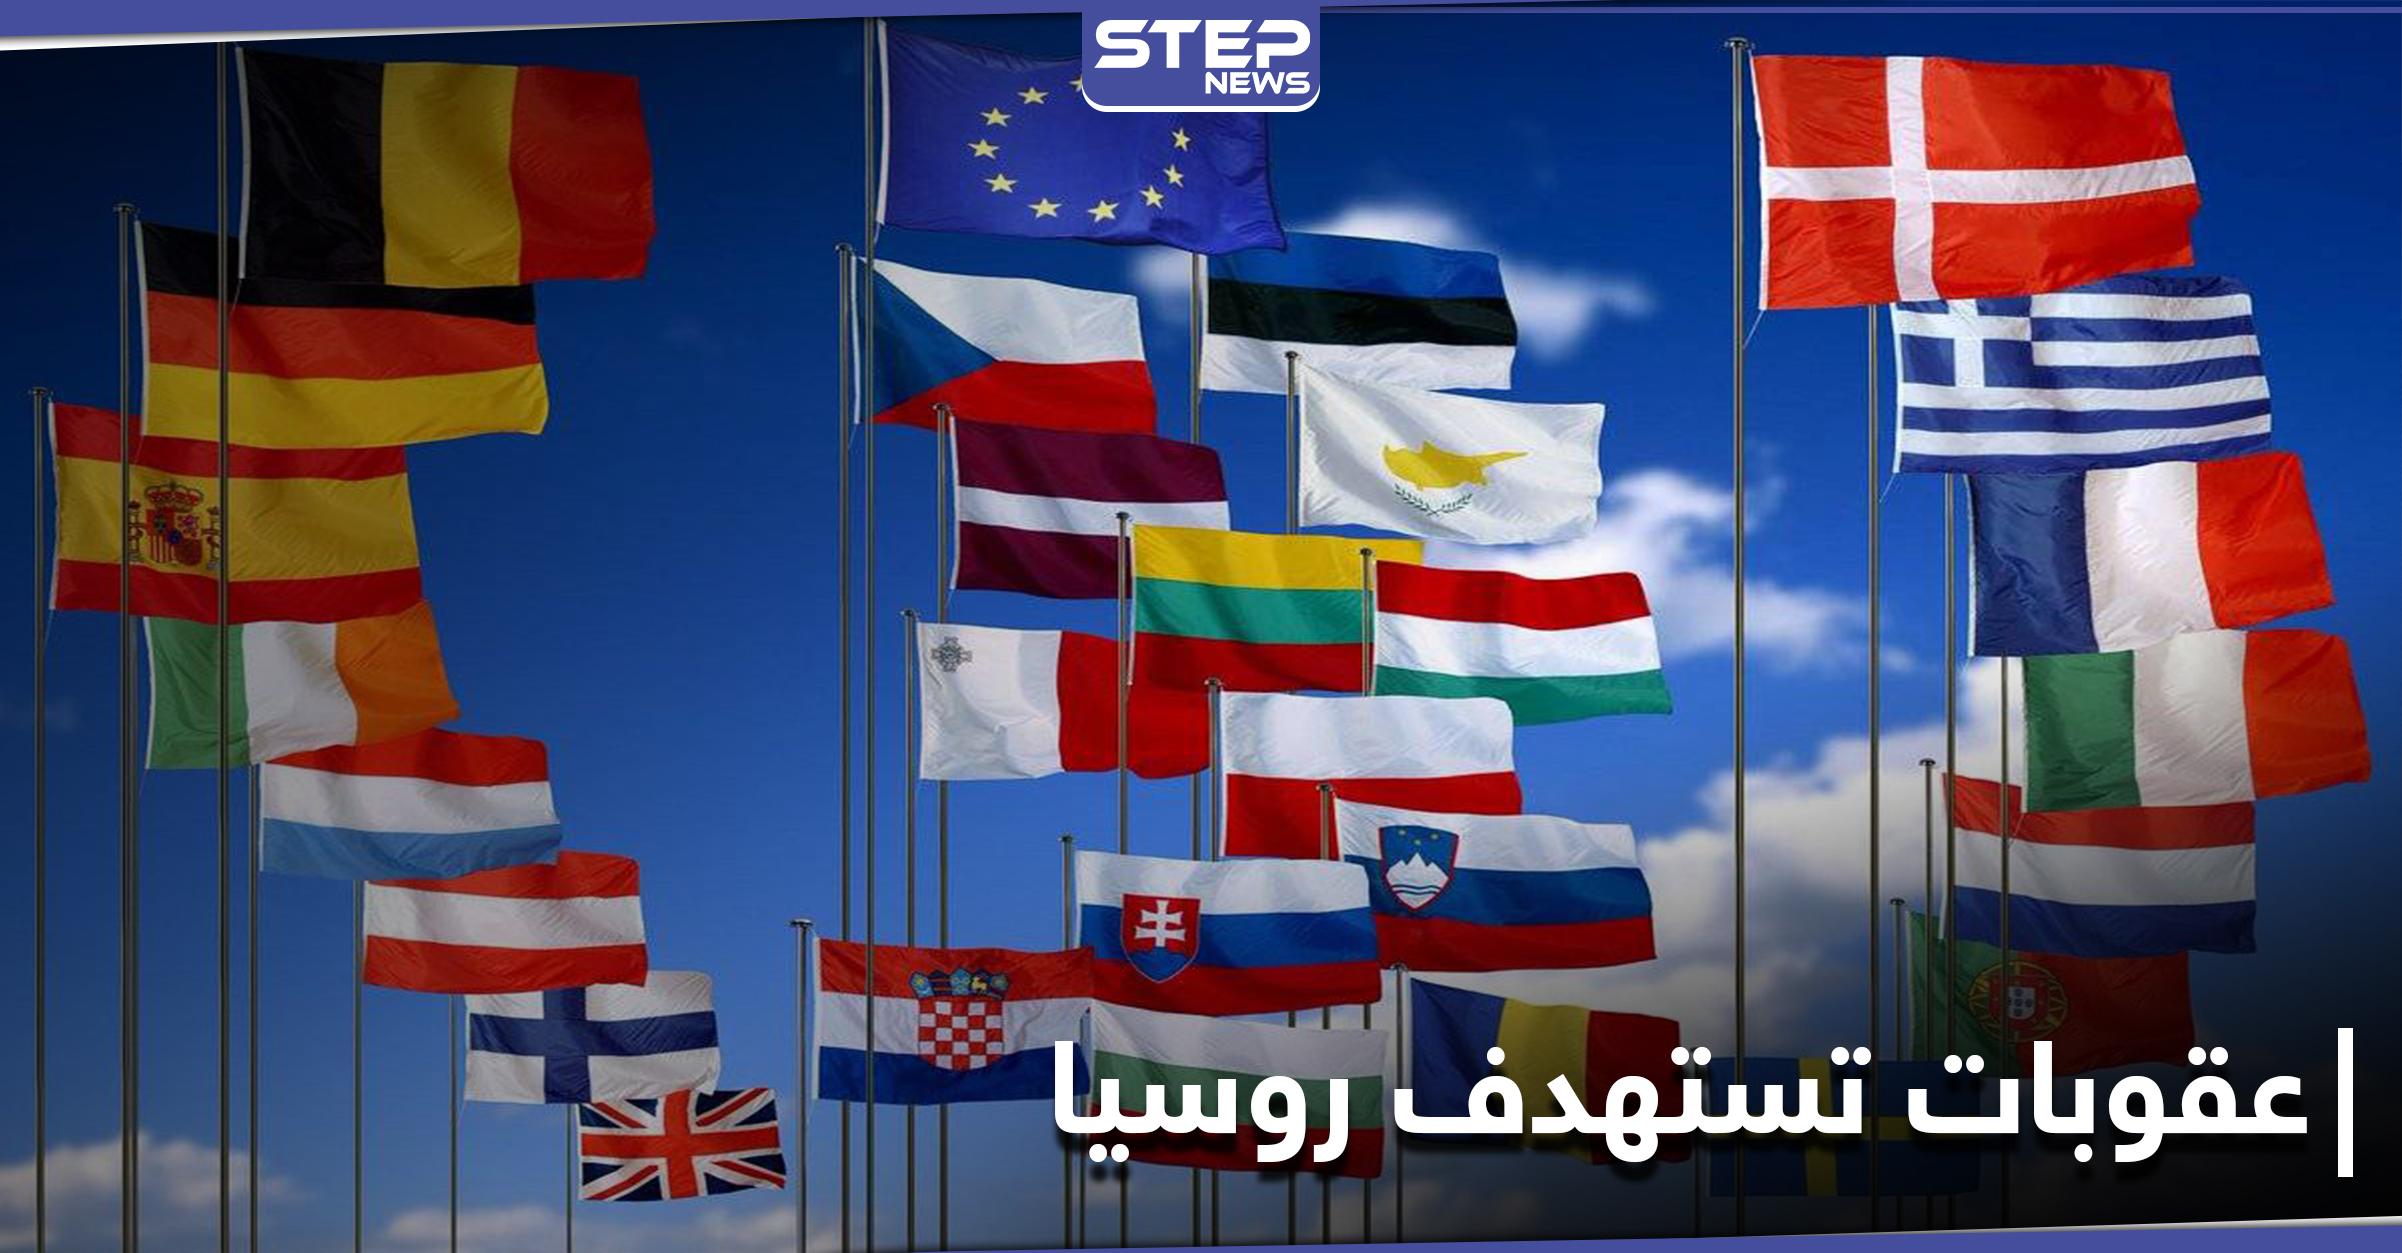 بسبب مدوّن.. دول الاتحاد الأوروبي تفرض عقوبات على روسيا